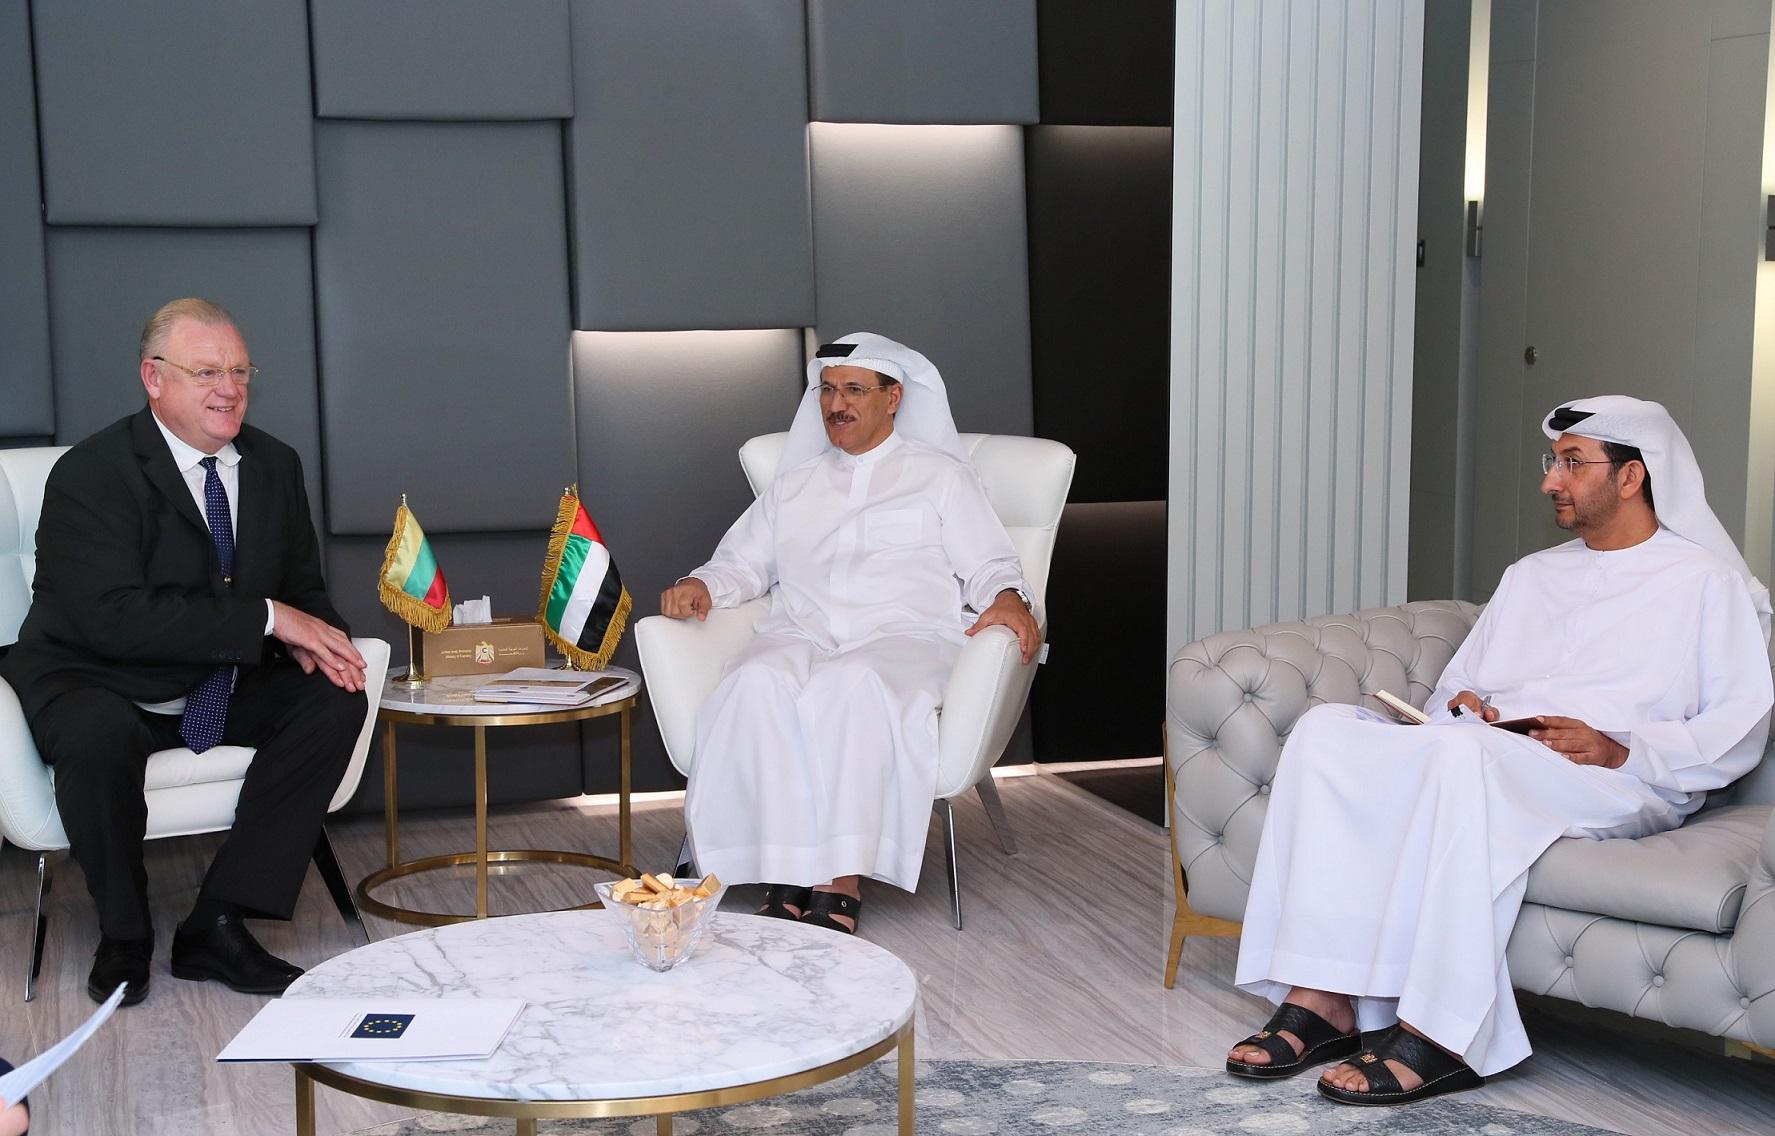 الإمارات وليتوانيا يستعرضان جهود التعاون الاقتصادي المطروحة للمرحلة المقبلة